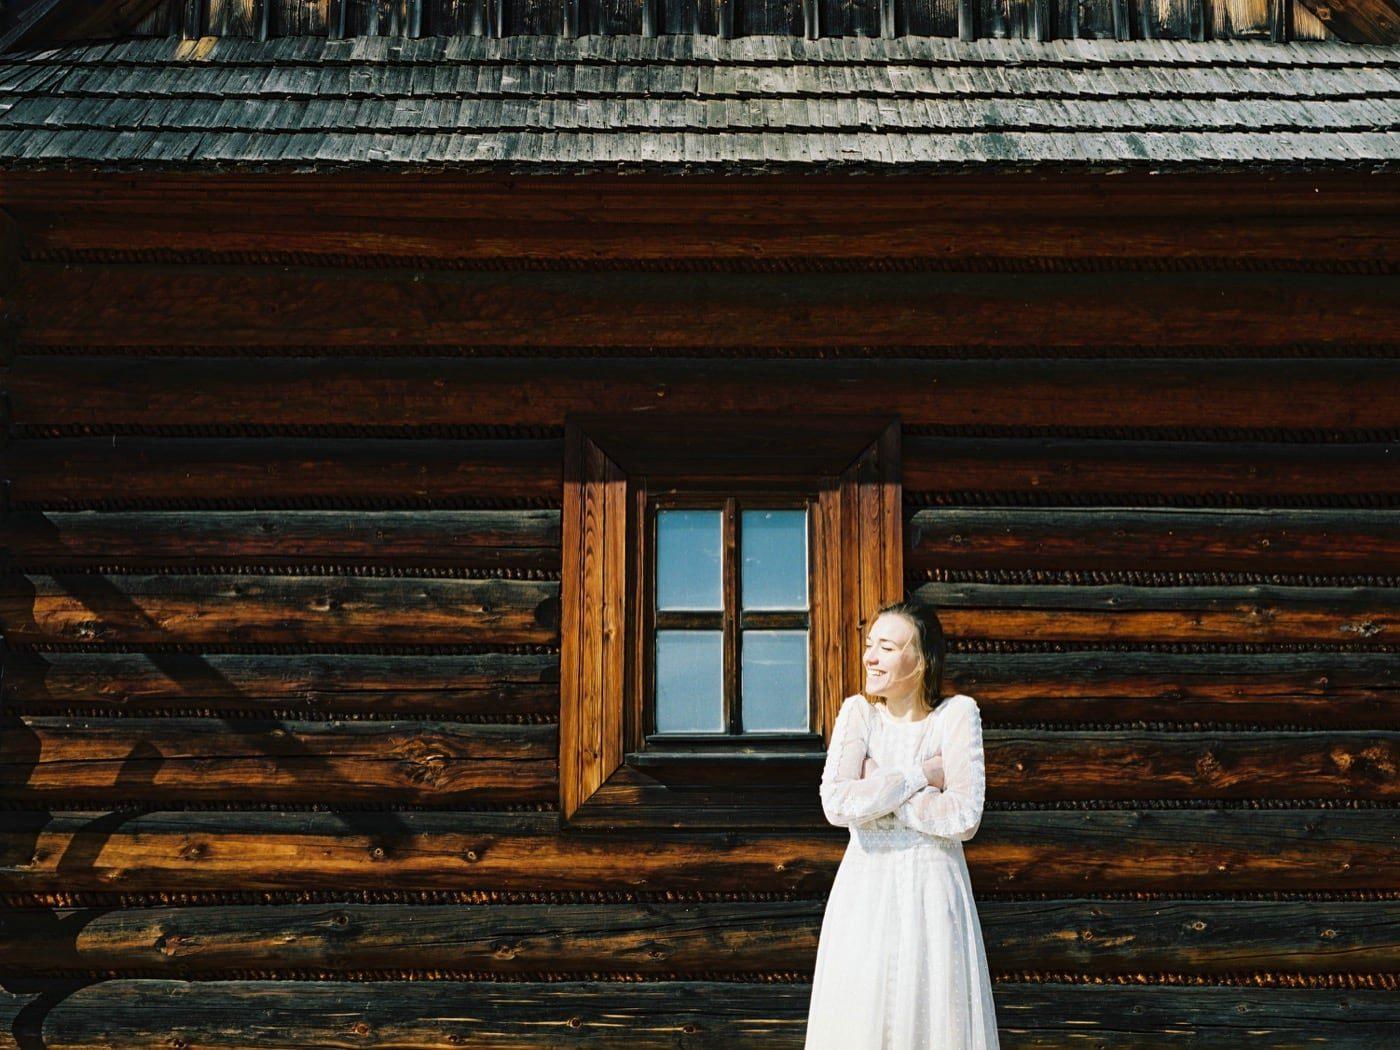 Sesja ślubna Maciej Sobol Fotograf ślubny małopolska Czorsztyn 15 1400x1050 - N&A - analogowa sesja ślubna - Czorsztyn